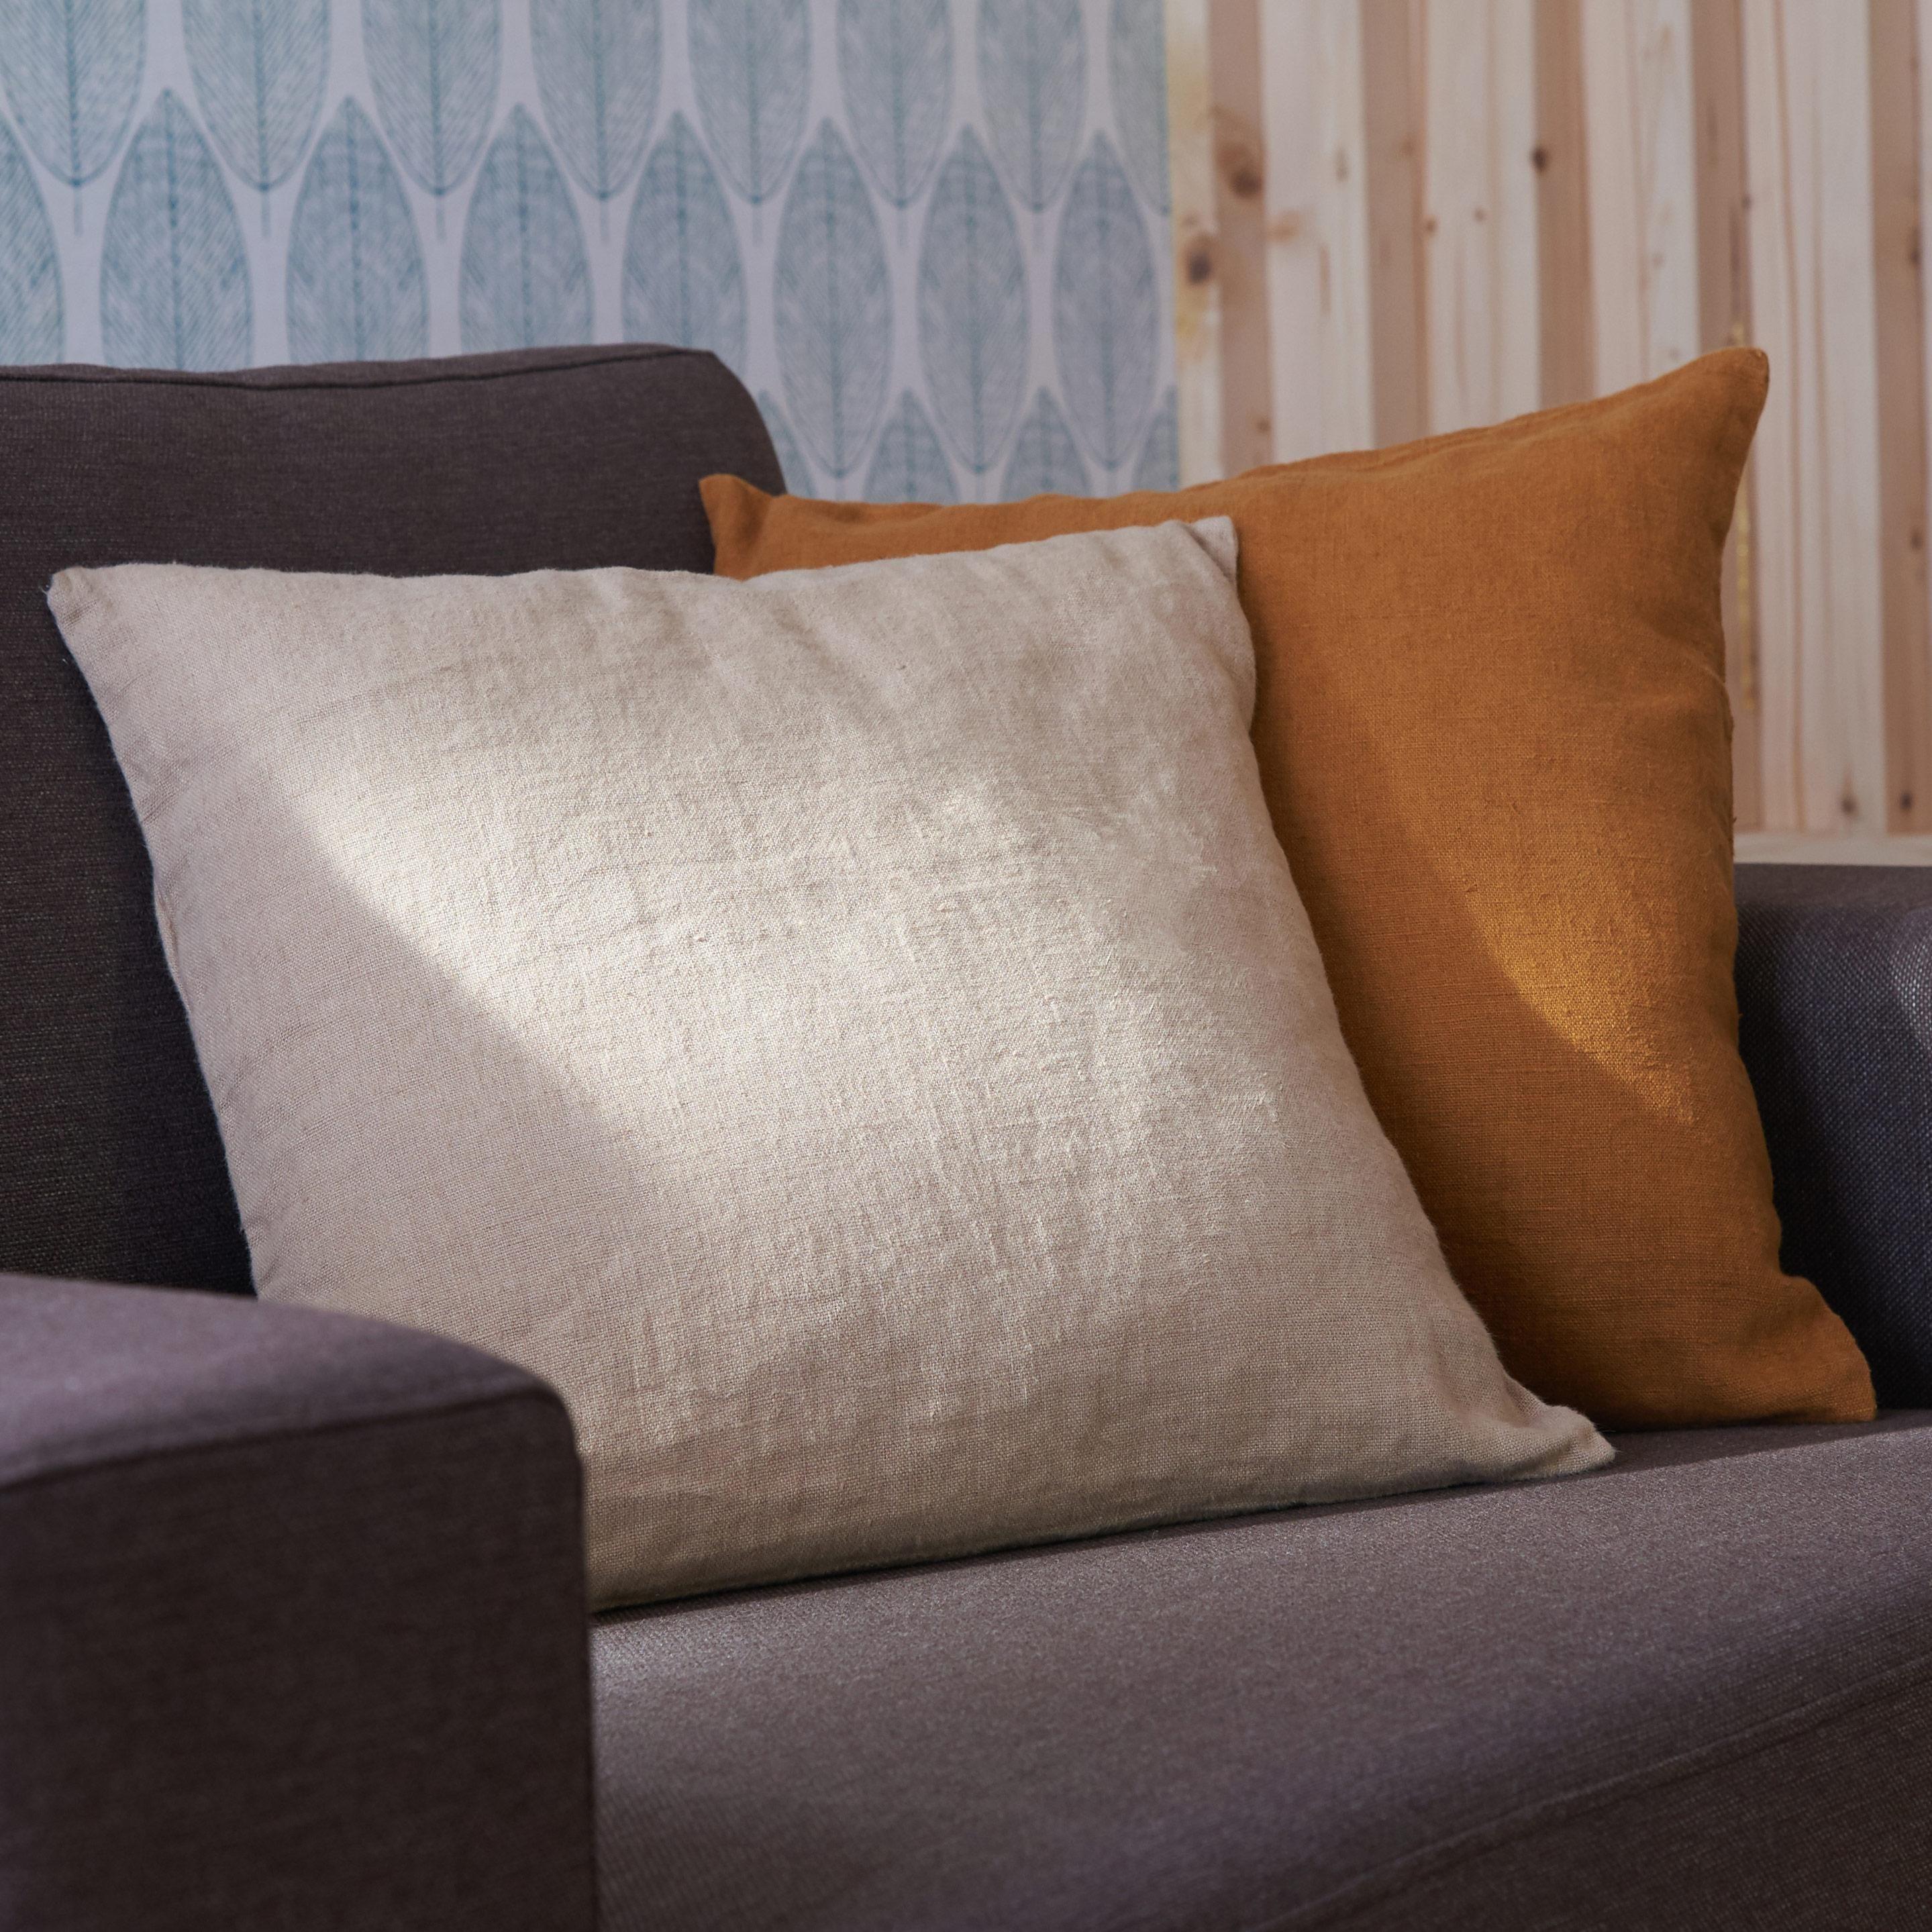 Leroy Merlin Teinture Textile coussin solenzara lin lavé, naturel l.45 x h.45 cm | lin